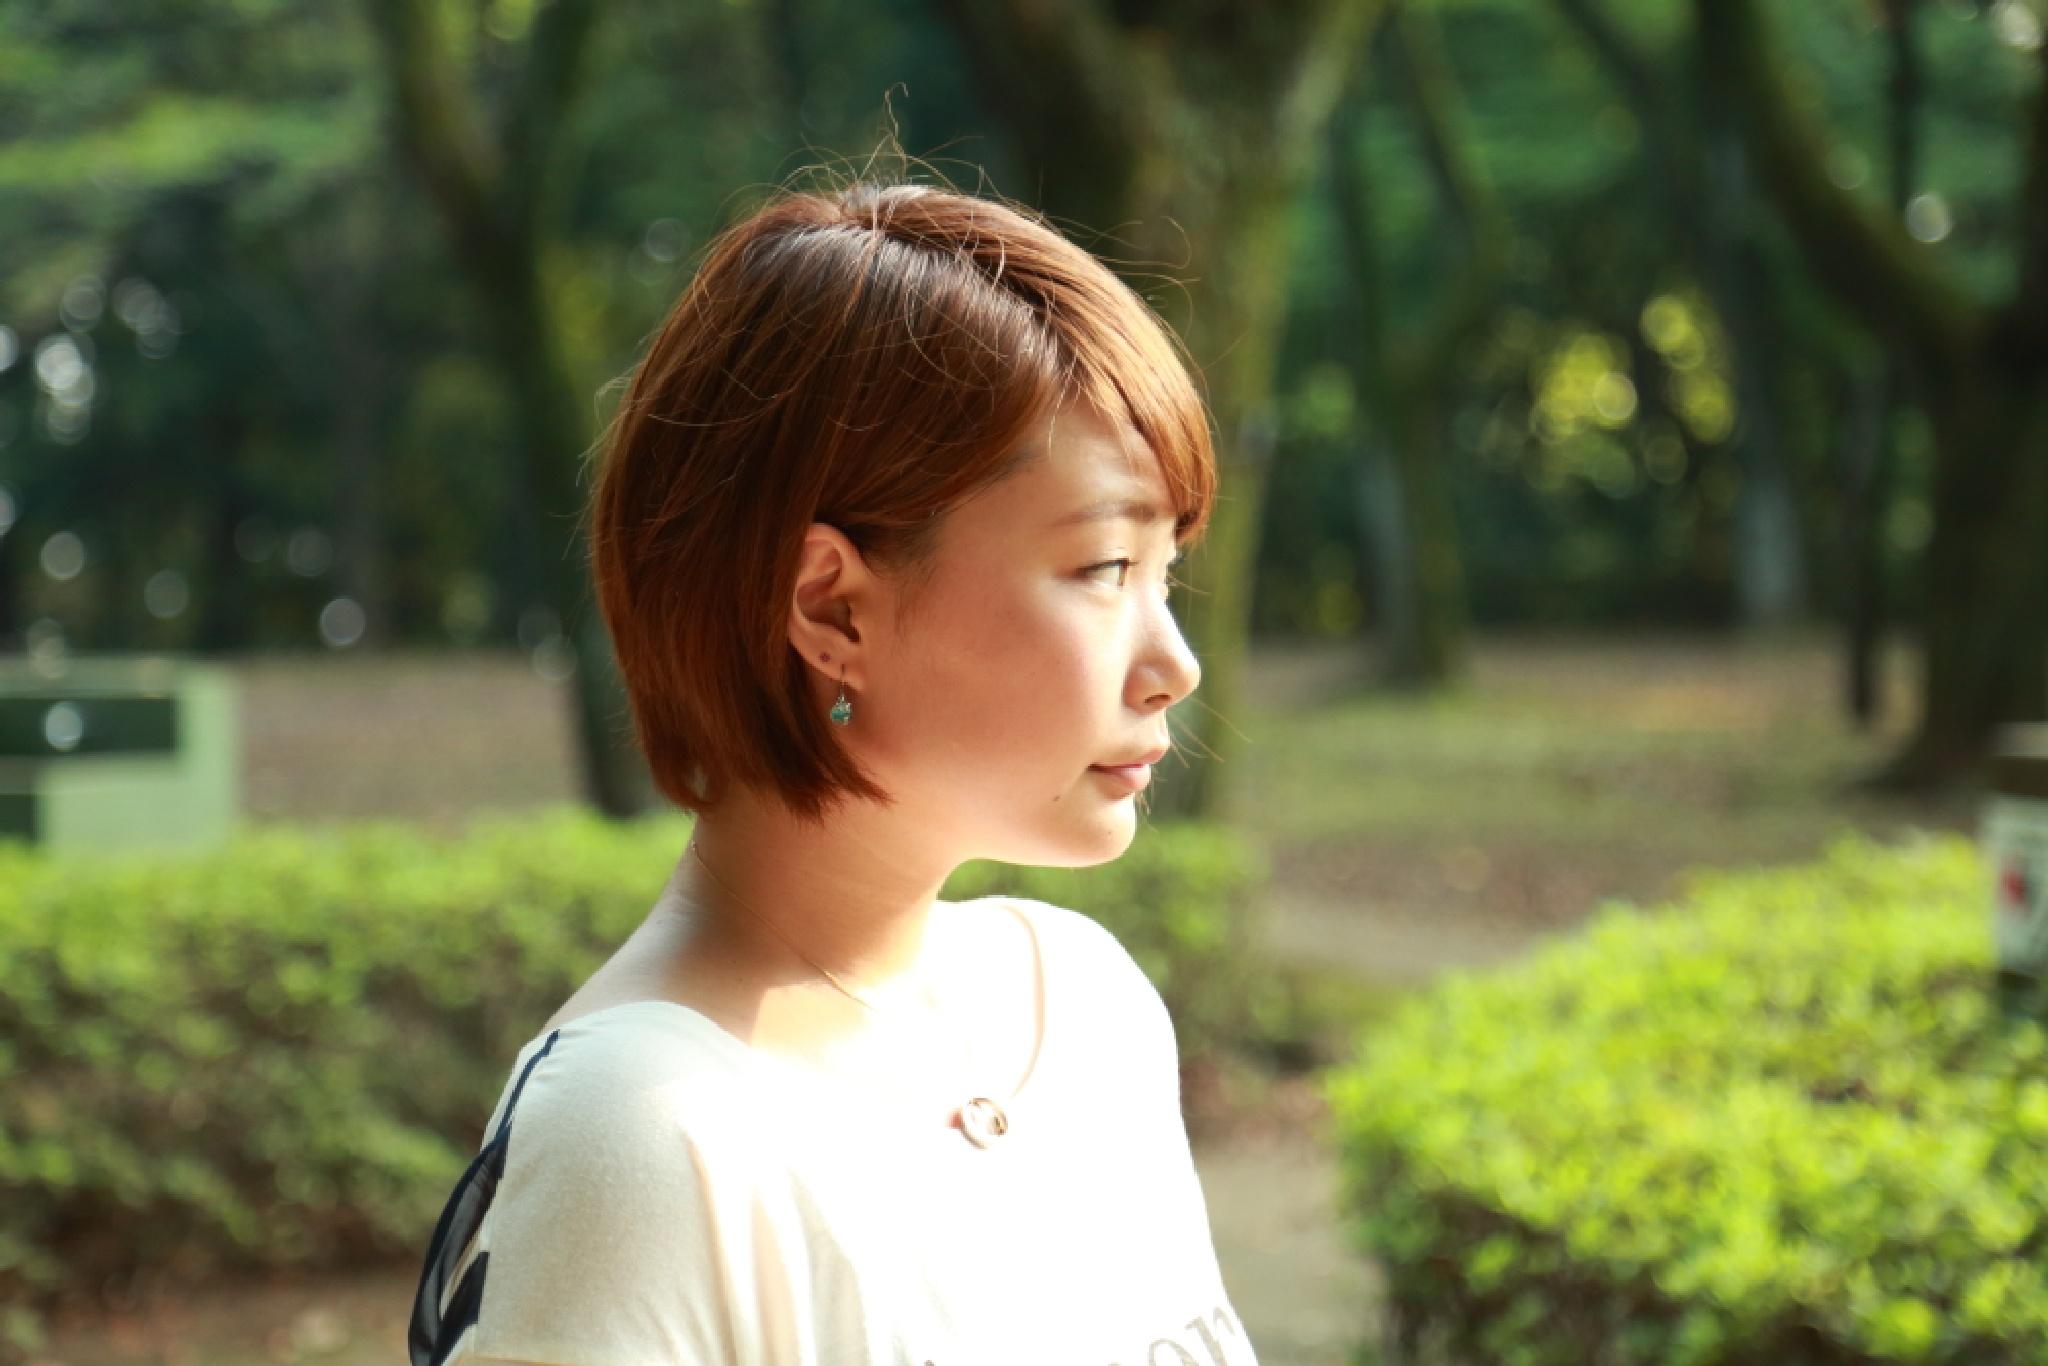 kana by HAJIME KAMEZAKI